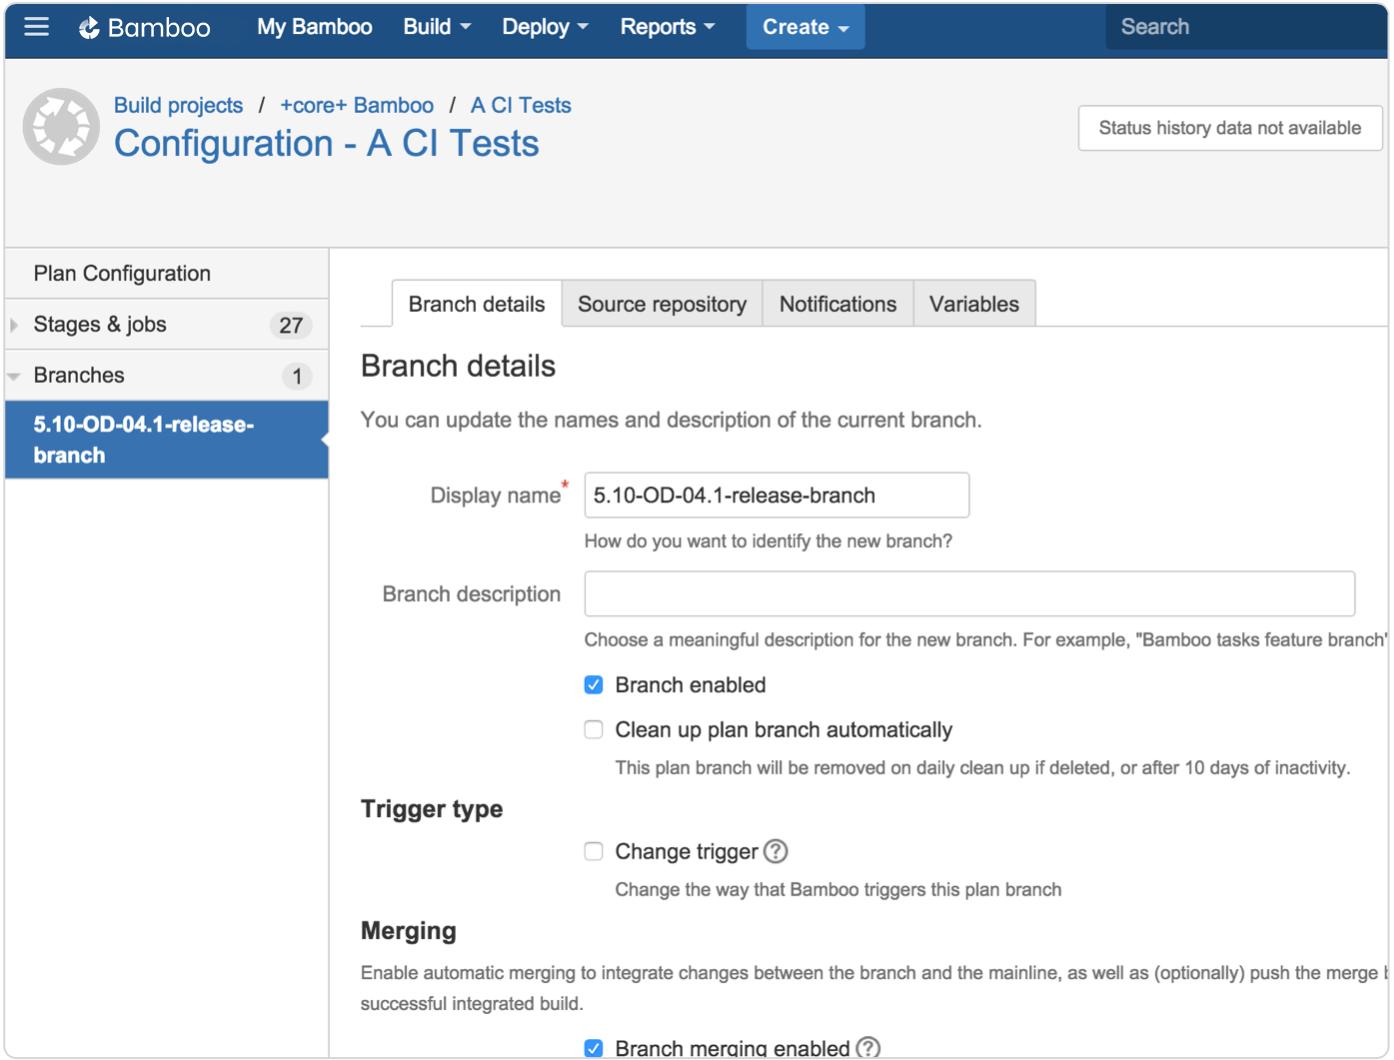 Captura de tela das configurações do branch de configuração do Bamboo